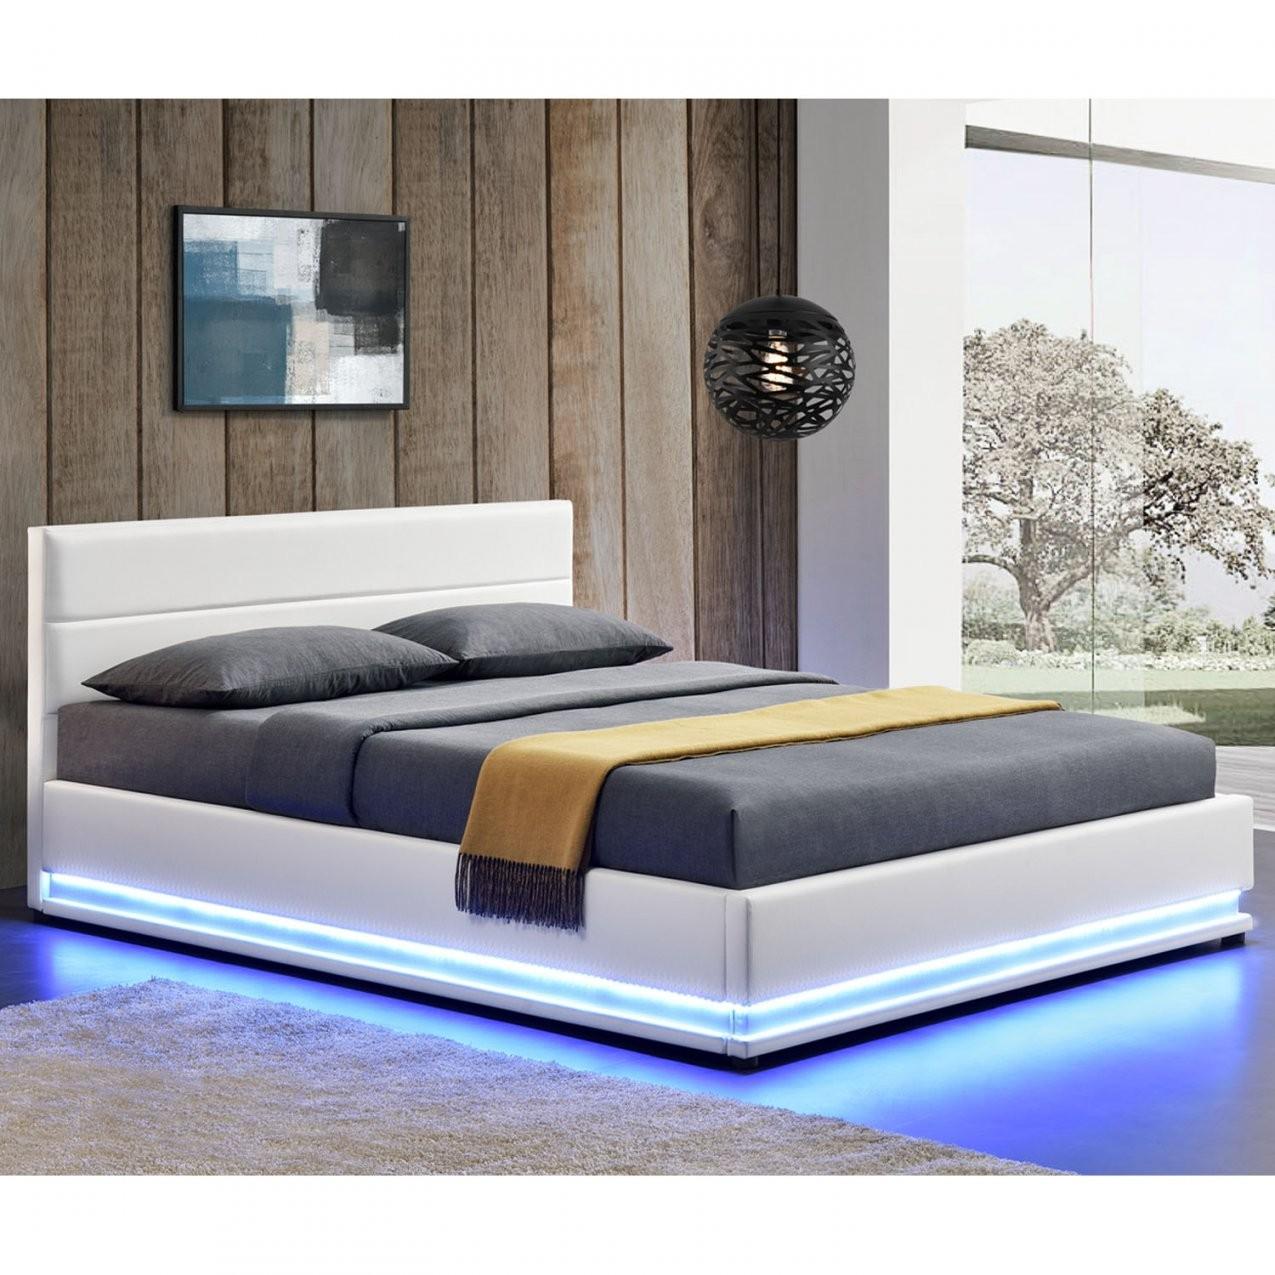 Polsterbett Toulouse 140 X 200 Cm Mit Rundum Led Und Bettkasten  Weiß von Polsterbett 140X200 Weiß Bild